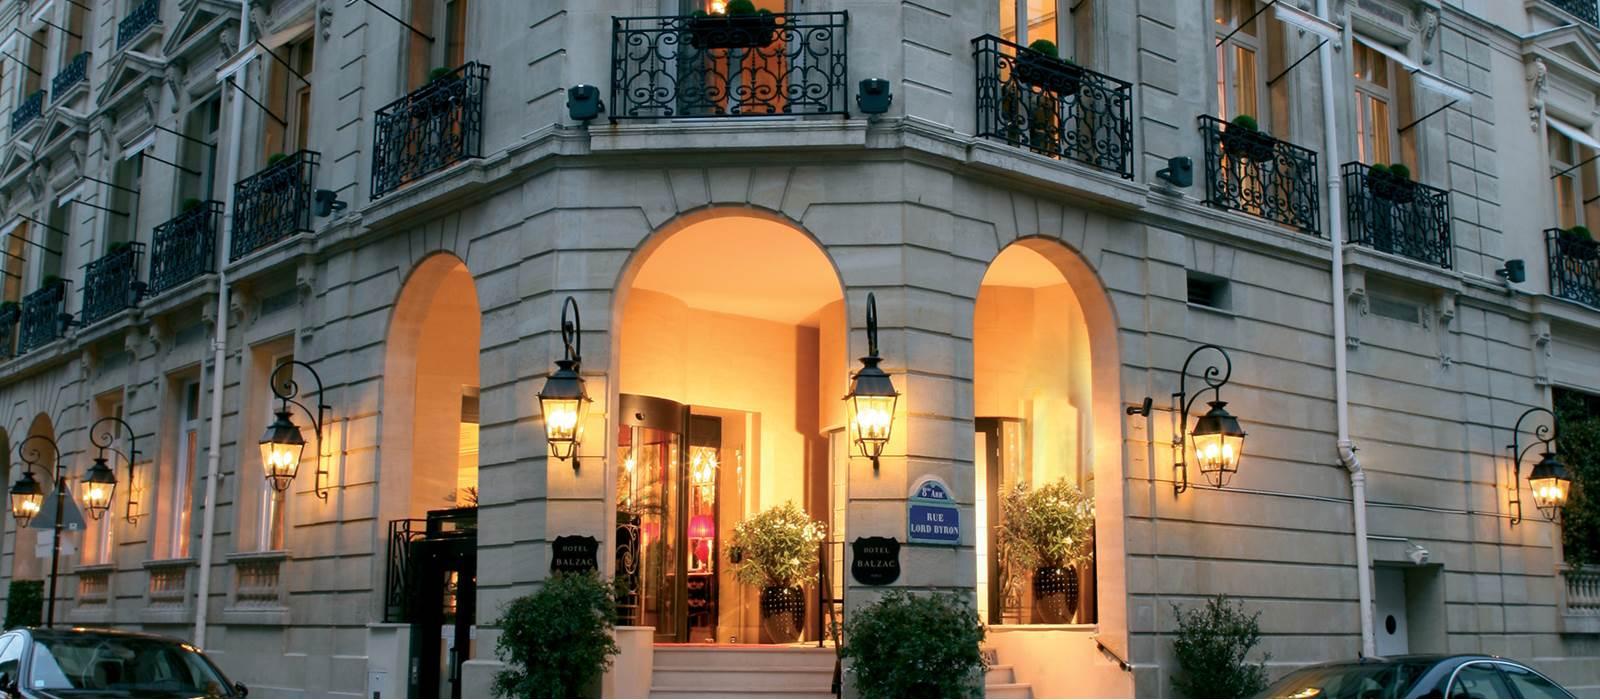 Valet parking h tel balzac champs elys es paris for Hotel france